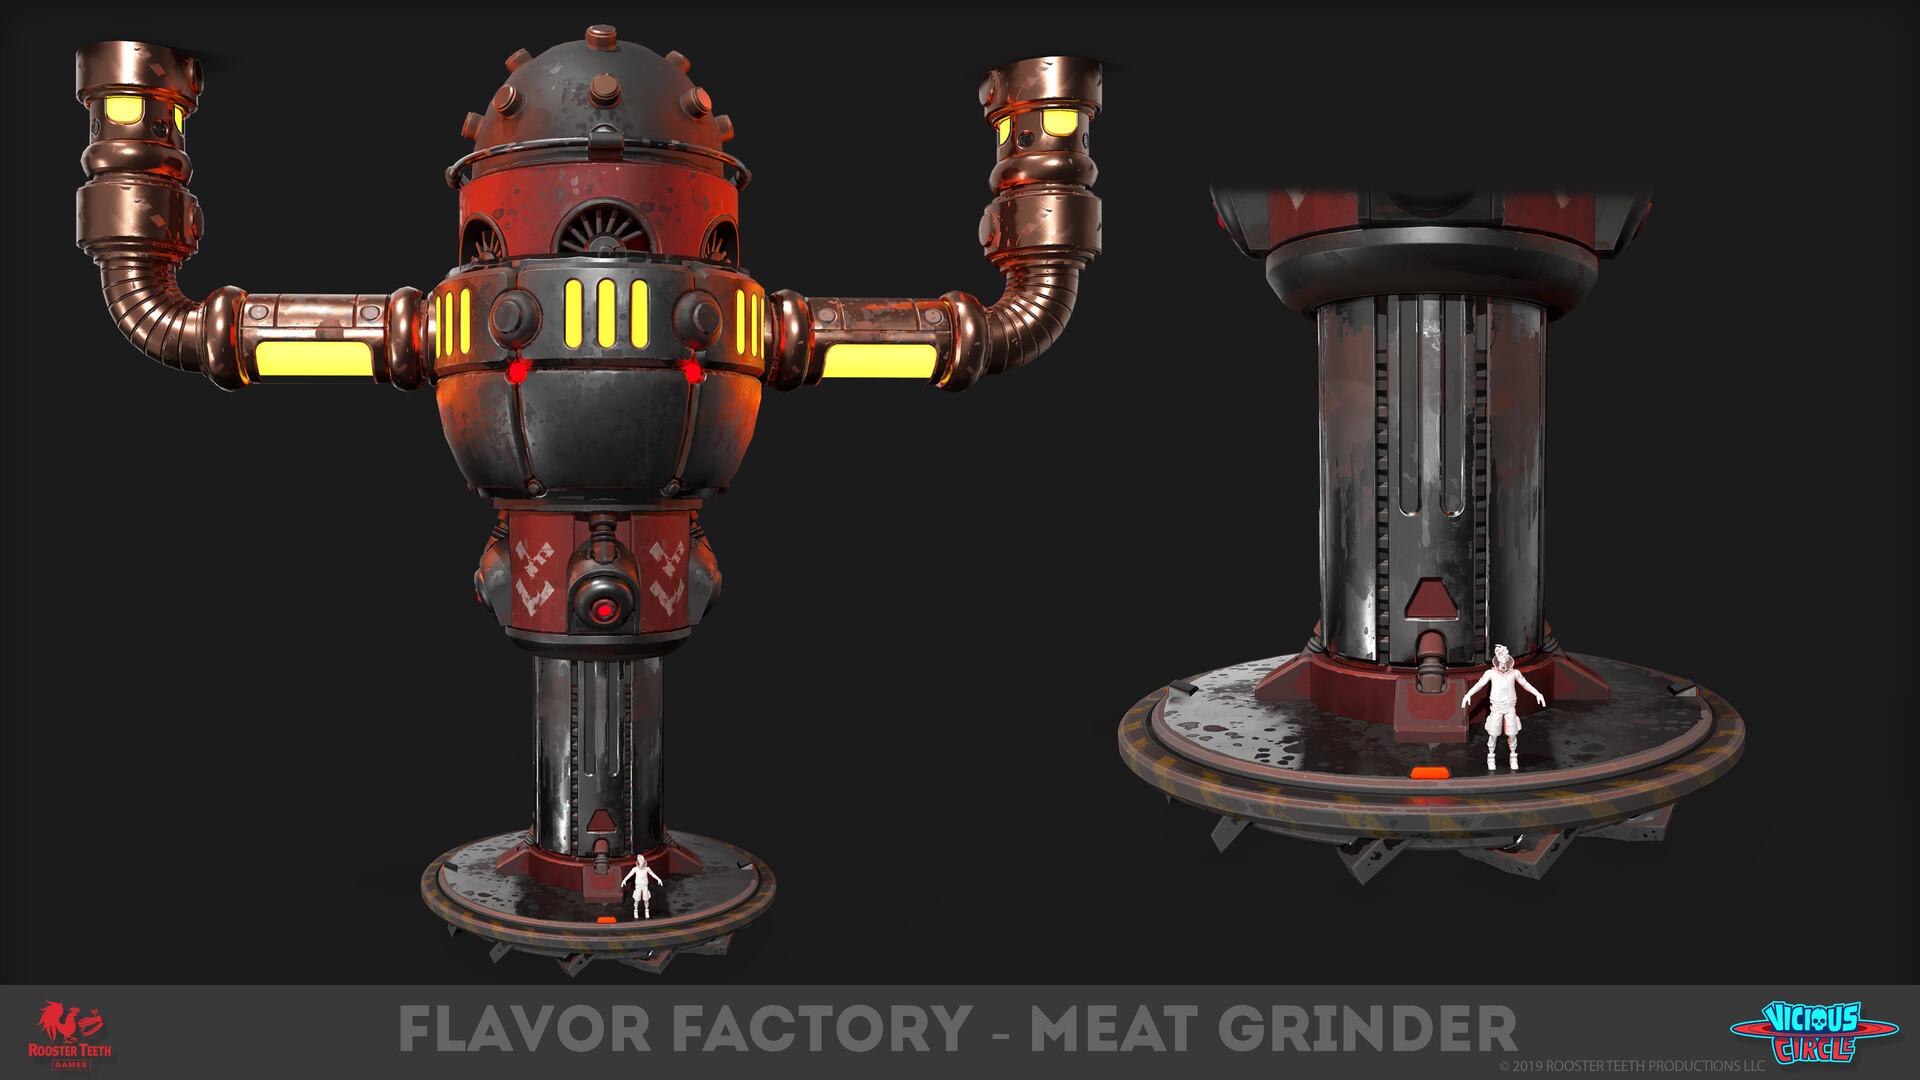 Markel milanes meatgrinder 06